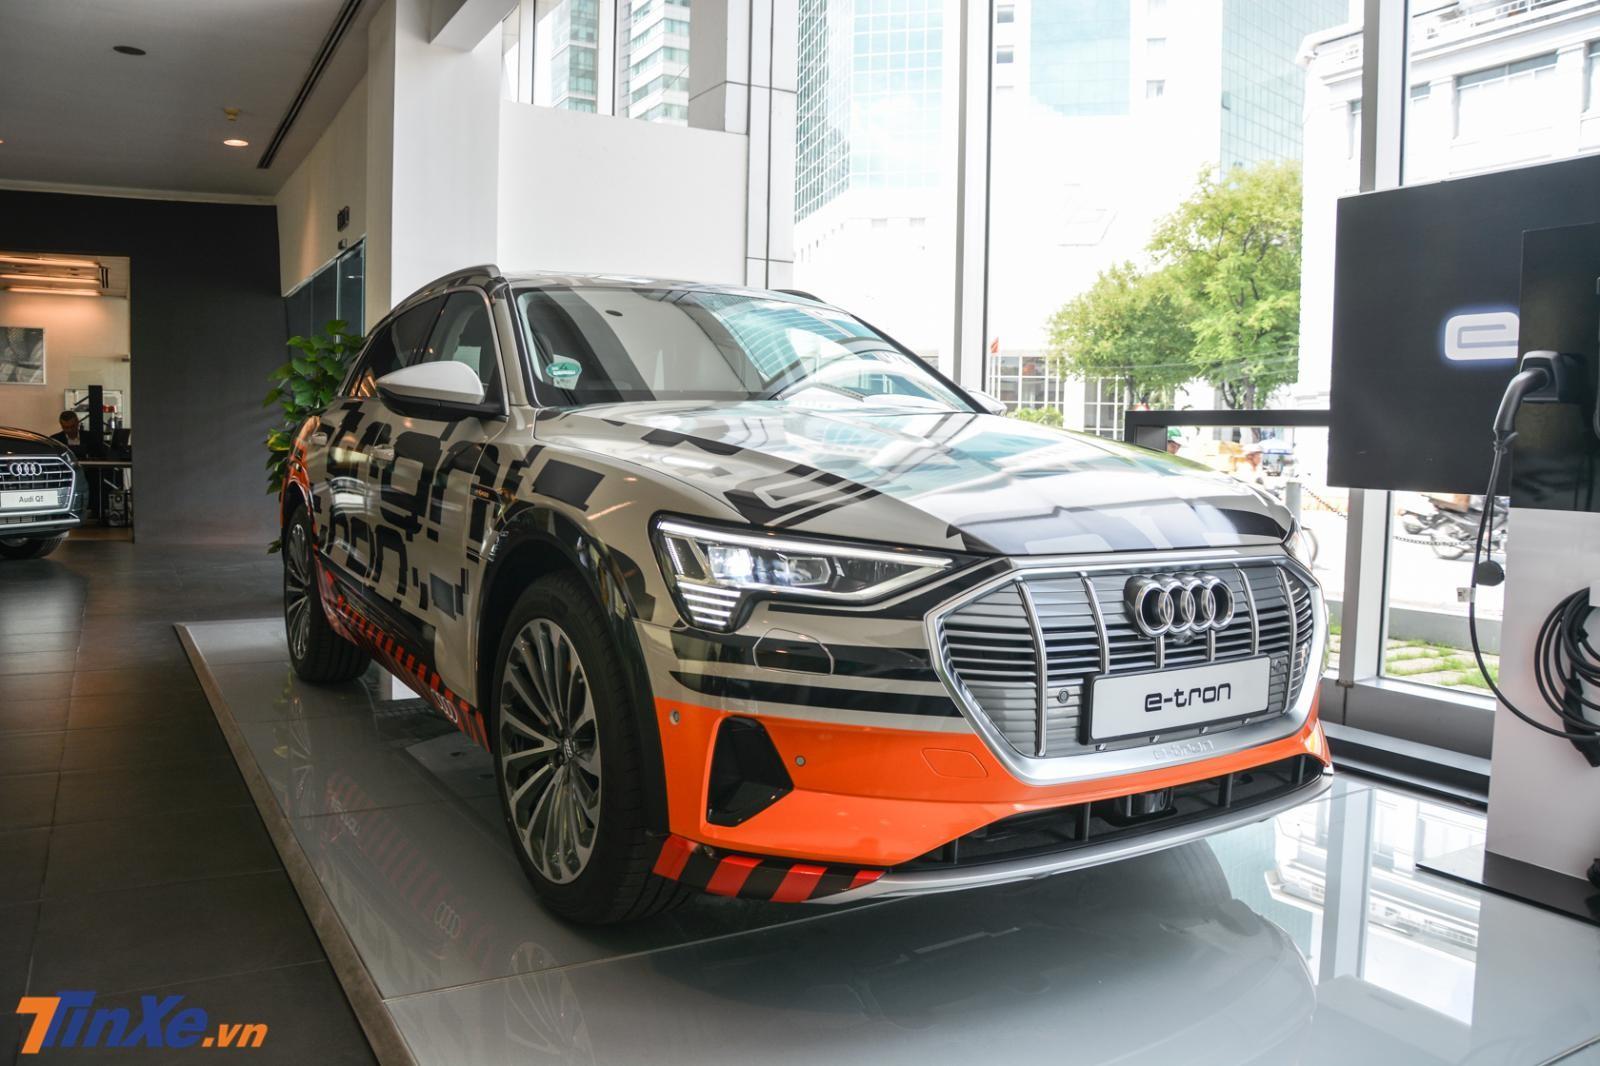 Chiếc Audi e-tron đầu tiên về Việt Nam nhằm thăm dò thị trường